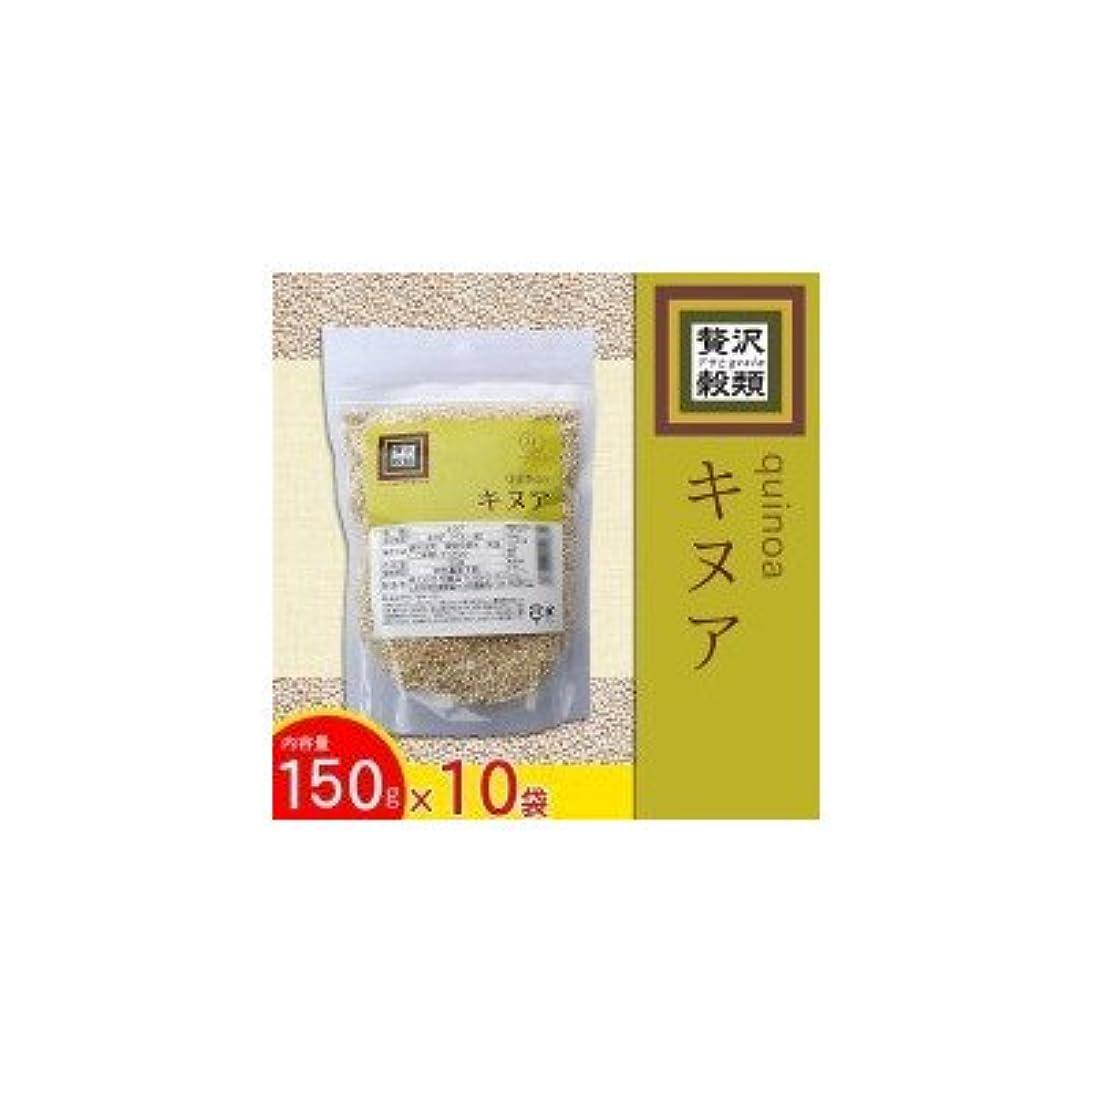 クリスマスエーカーパンチ贅沢穀類 キヌア 150g×10袋